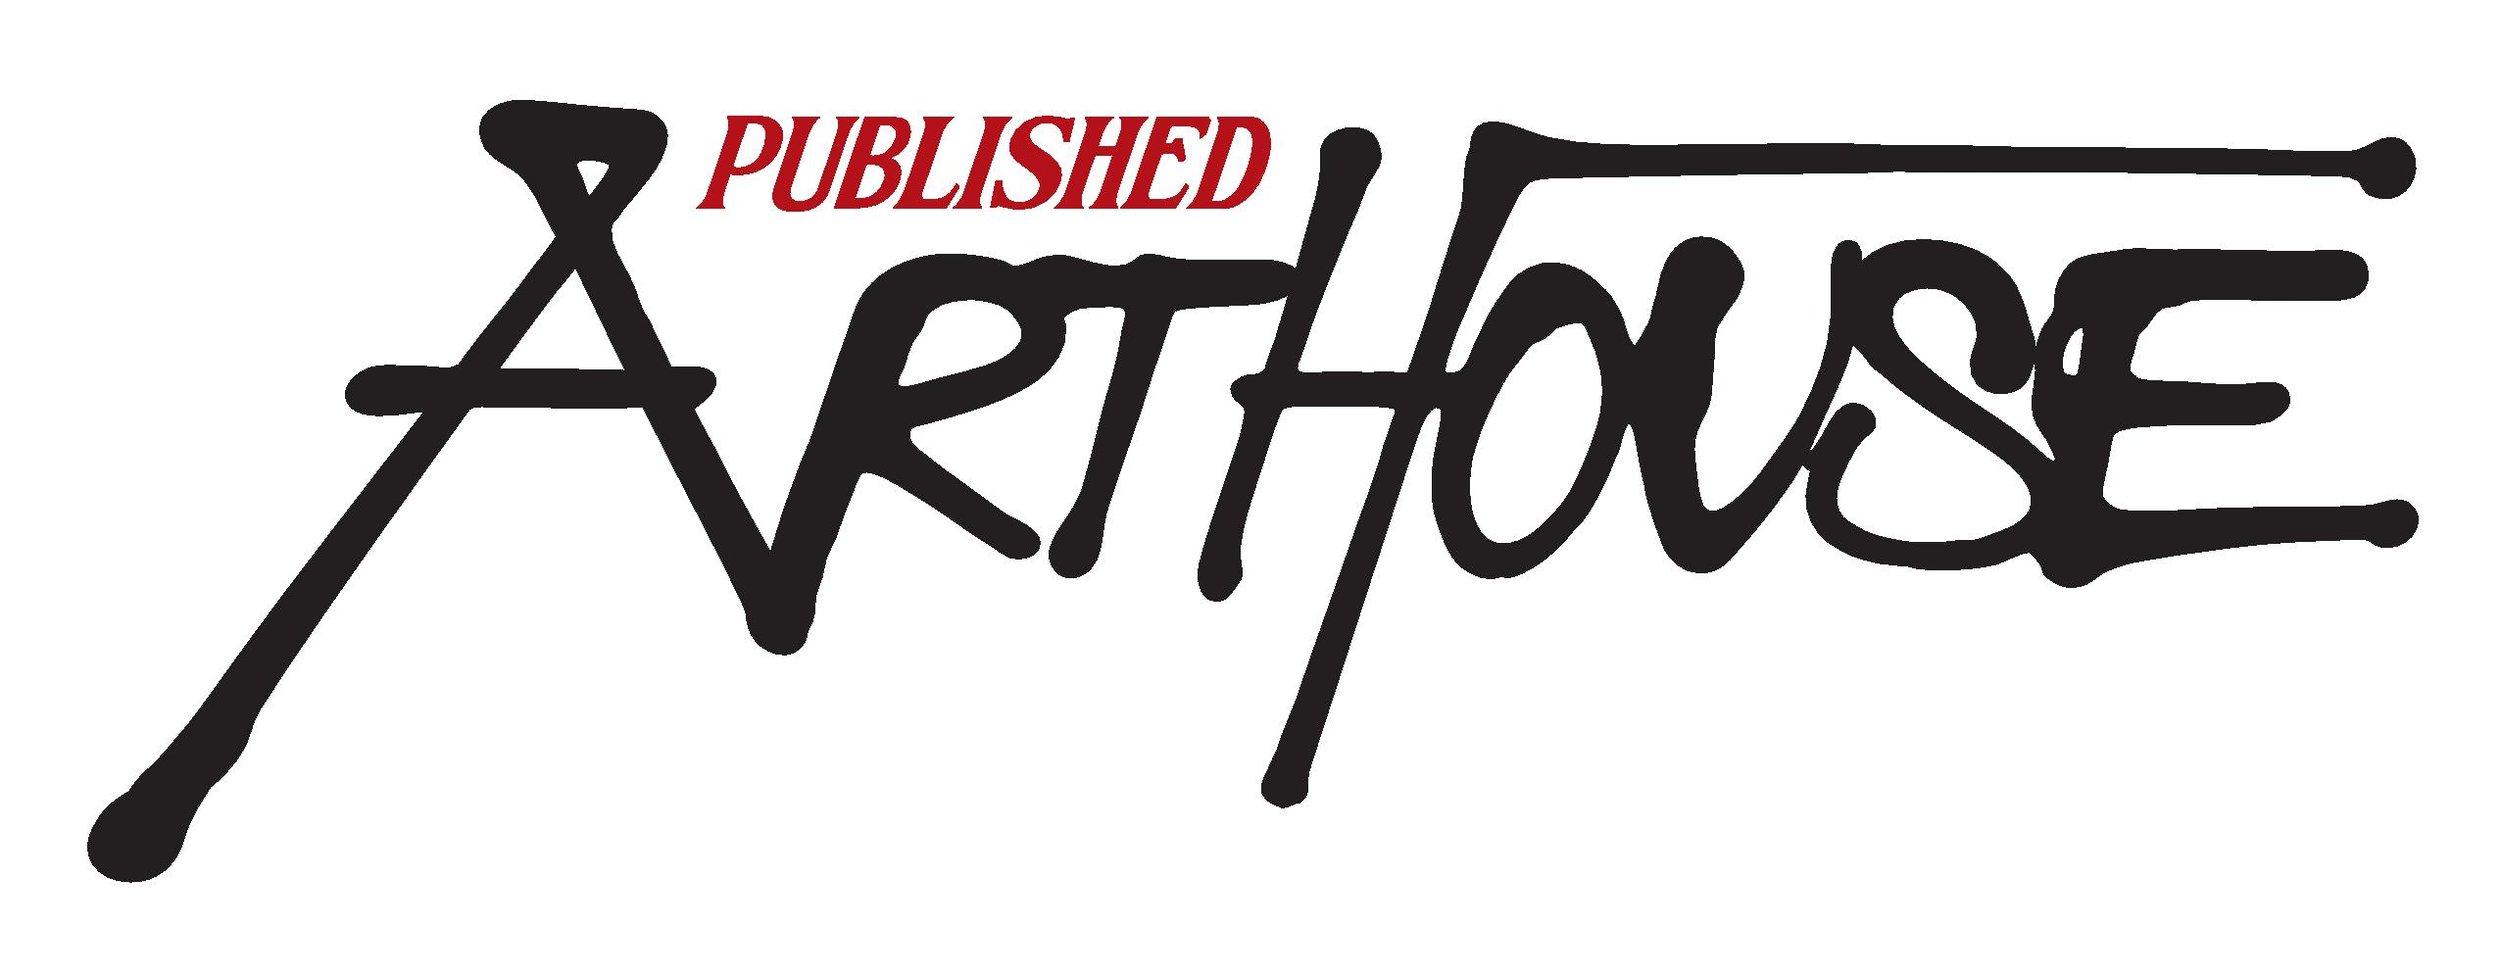 Published Arthouse